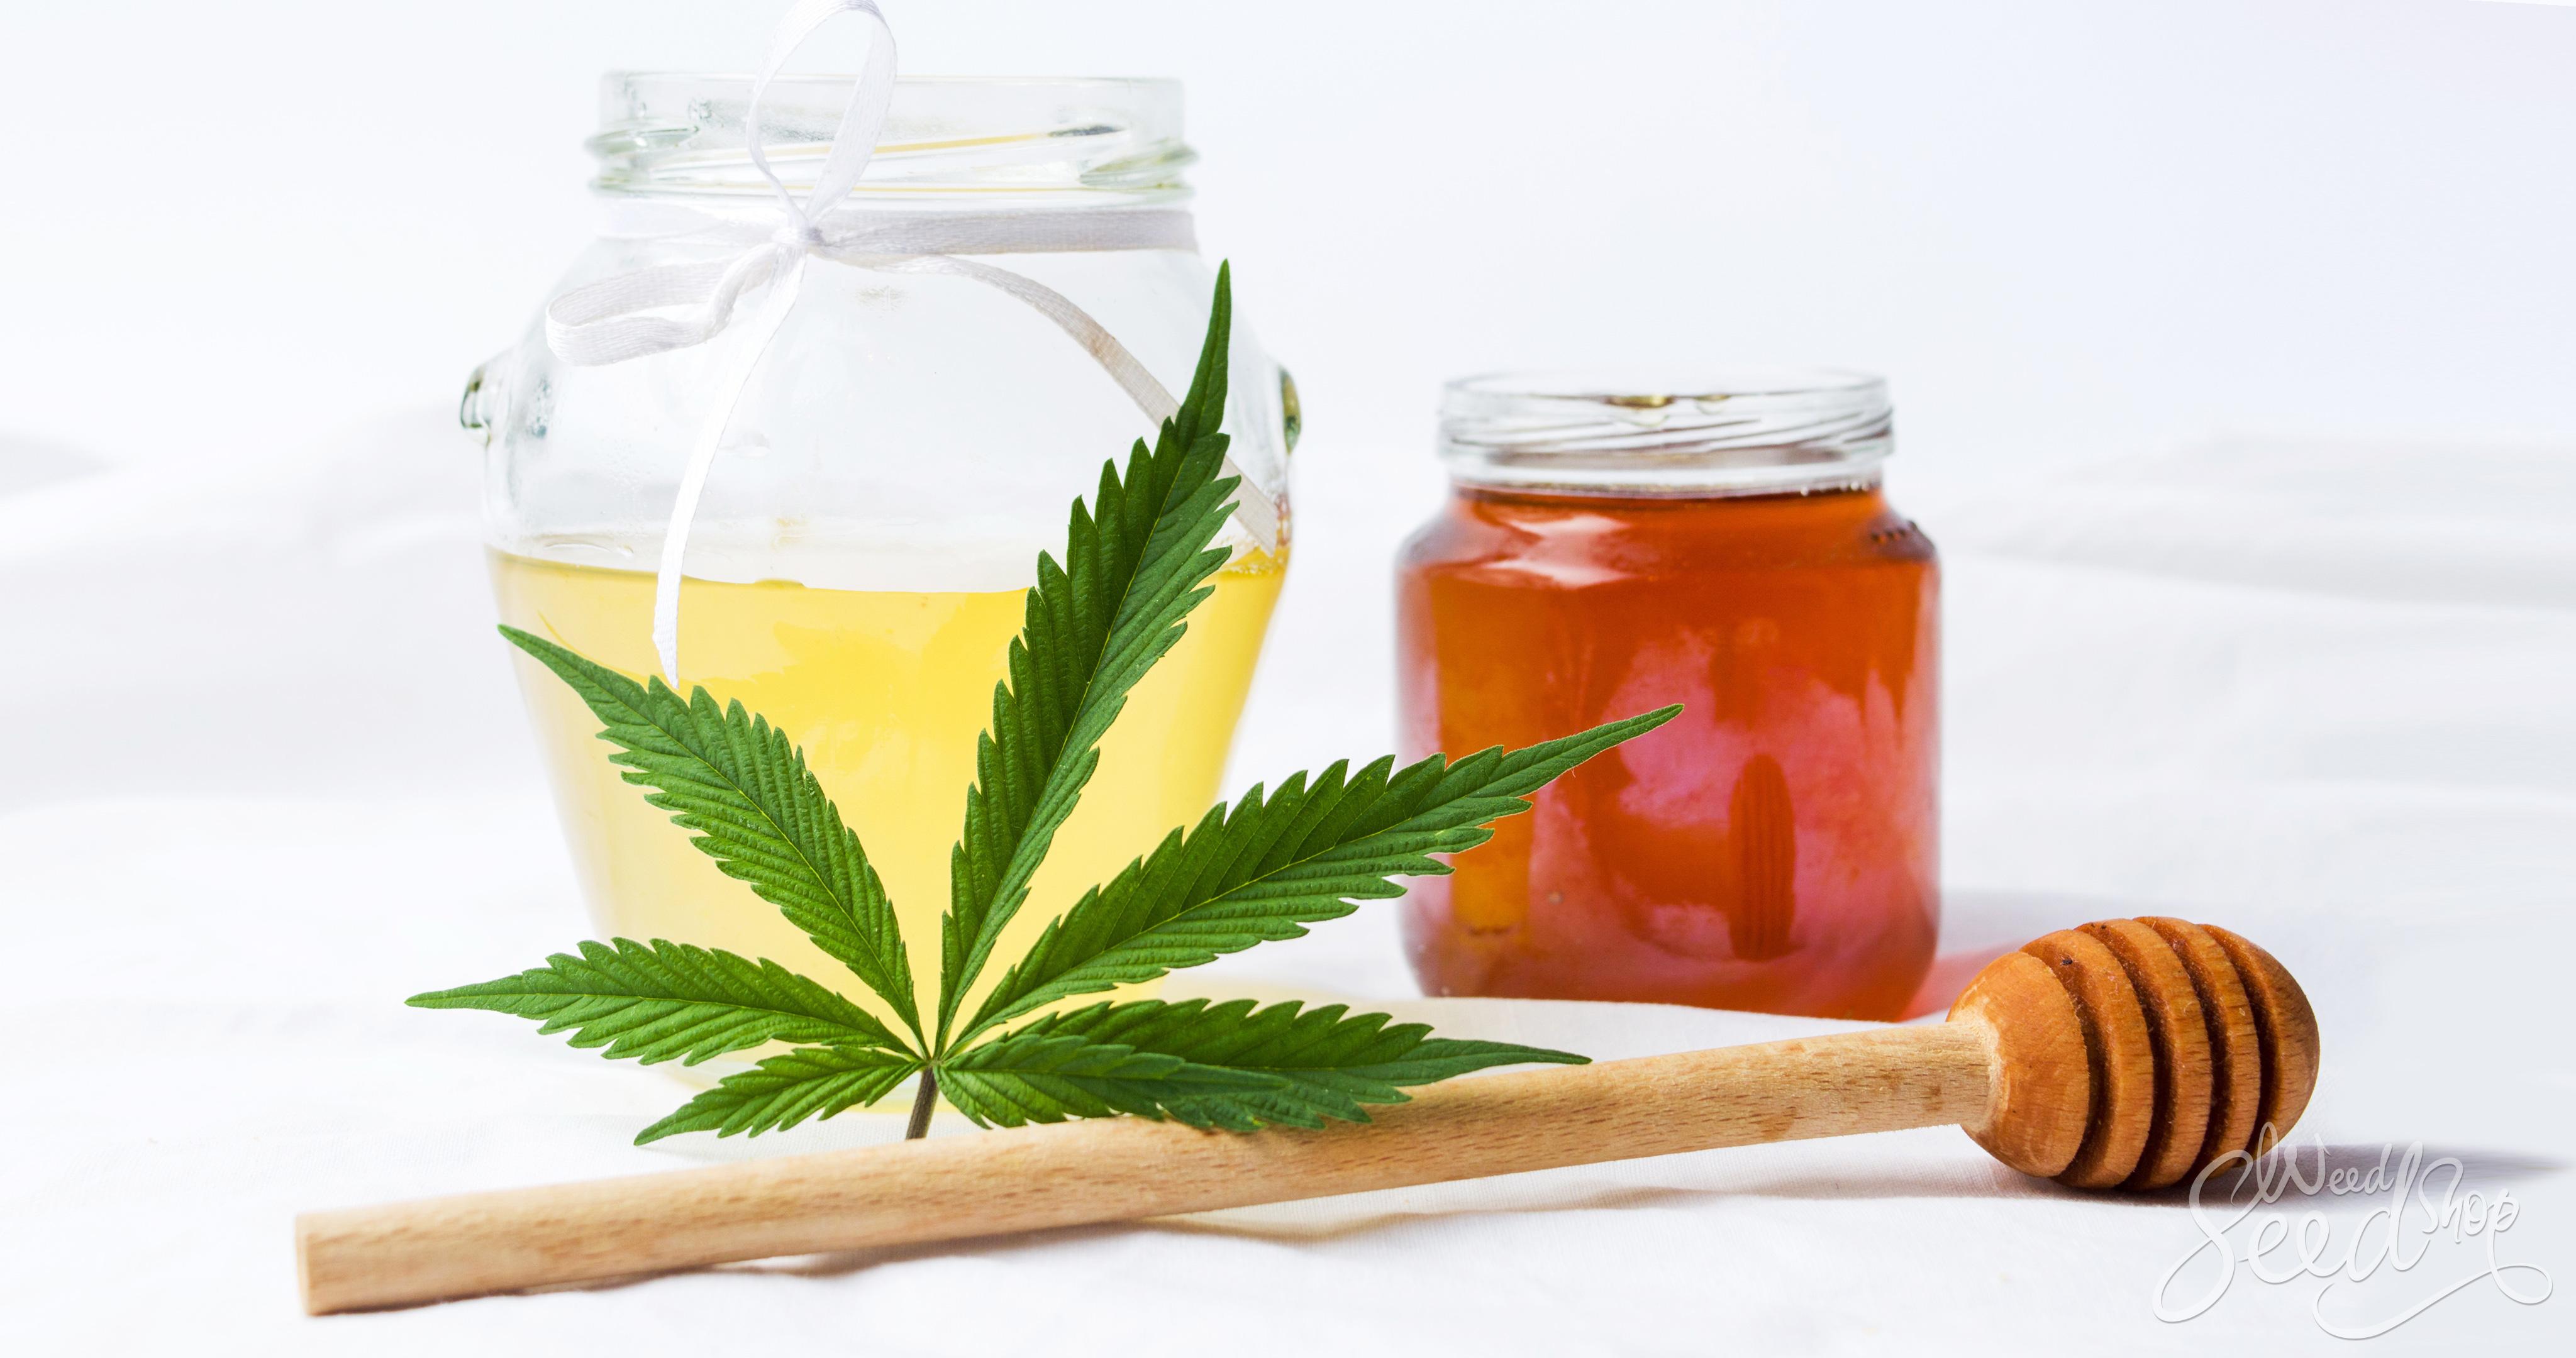 Cómo hacer miel infundida en cannabis - WeedSeedShop